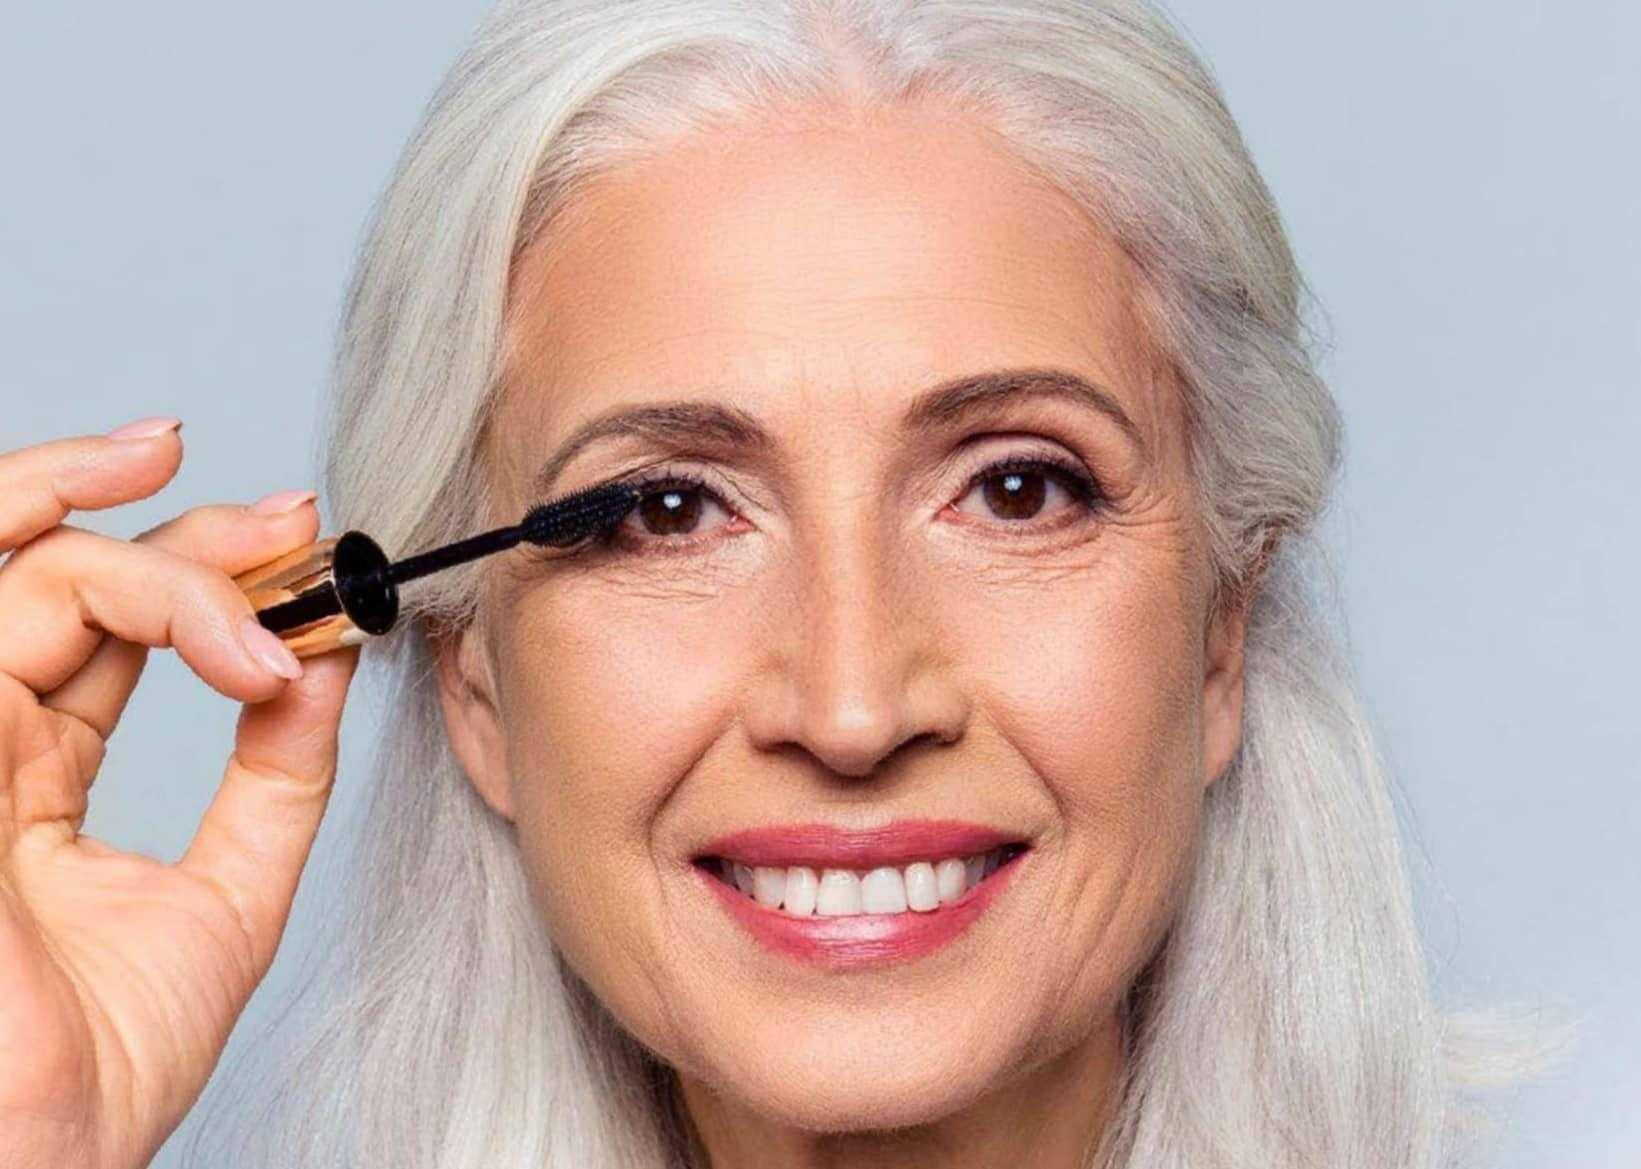 Омолаживающие процедуры для лица: топ-9 лучших